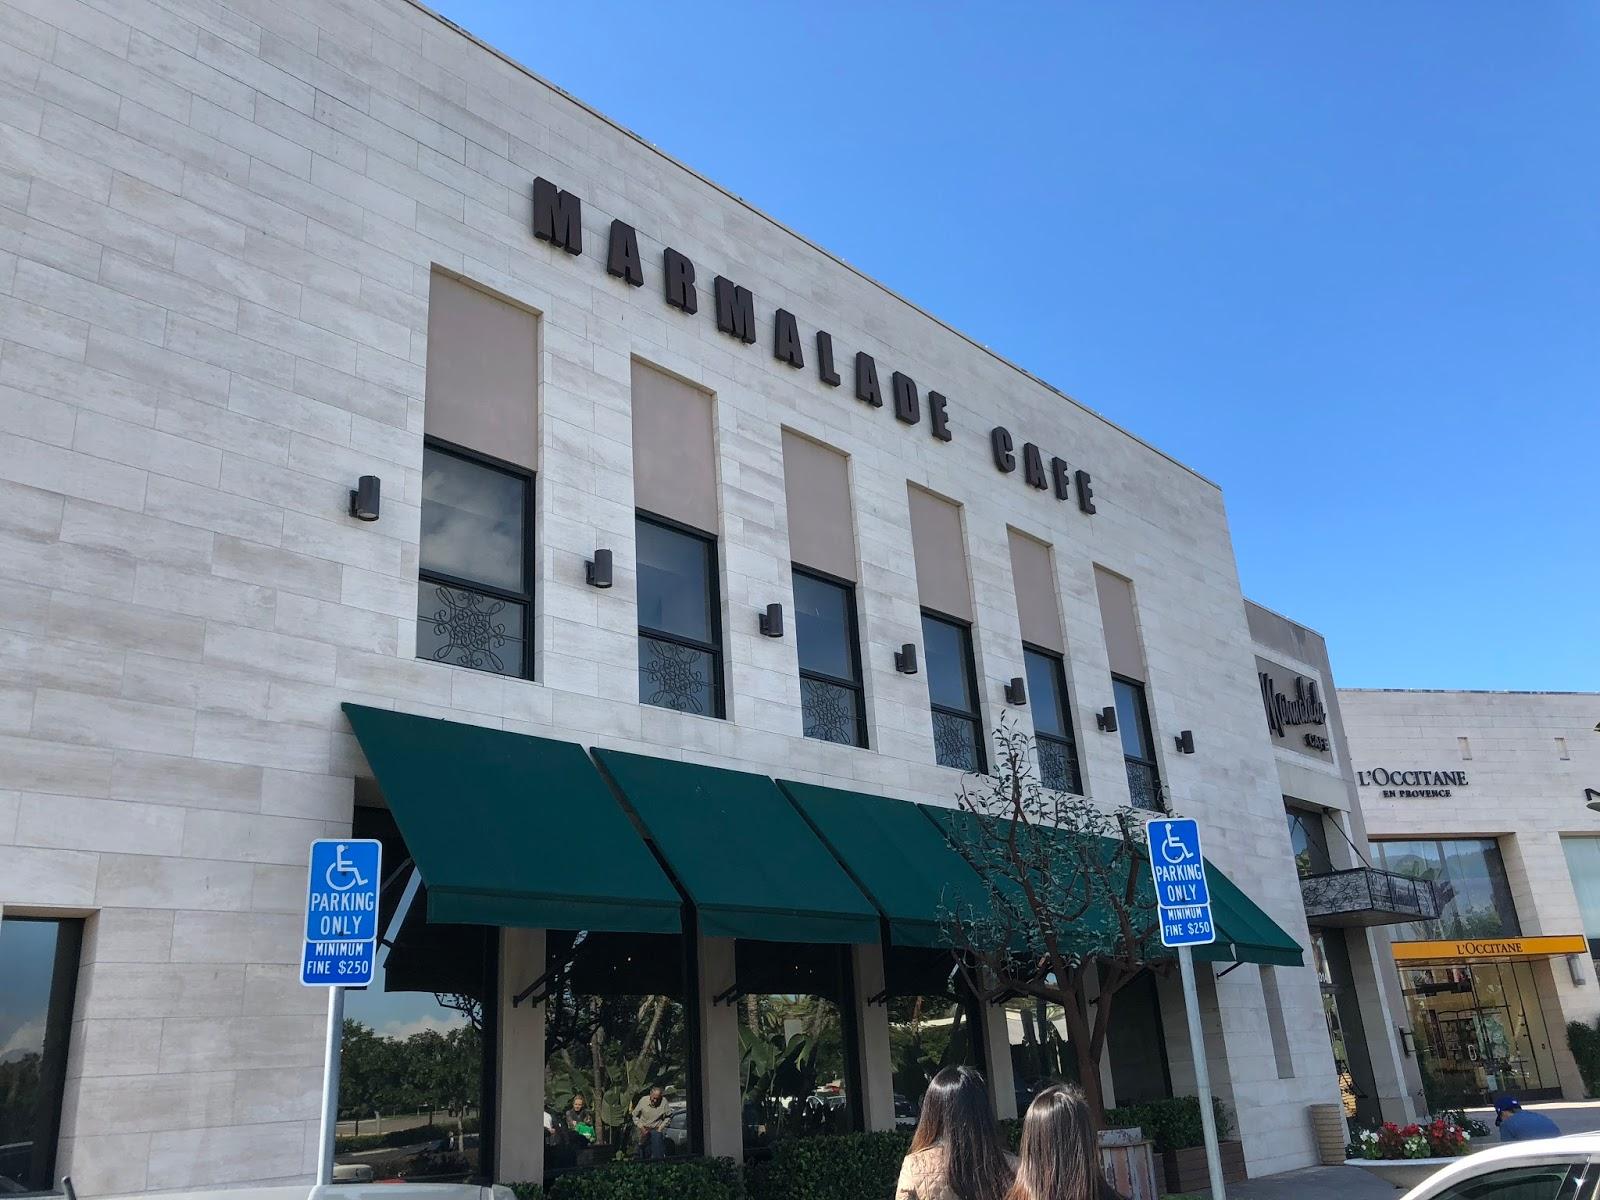 TASTE OF HAWAII: MARMALADE CAFE - EL SEGUNDO, CA